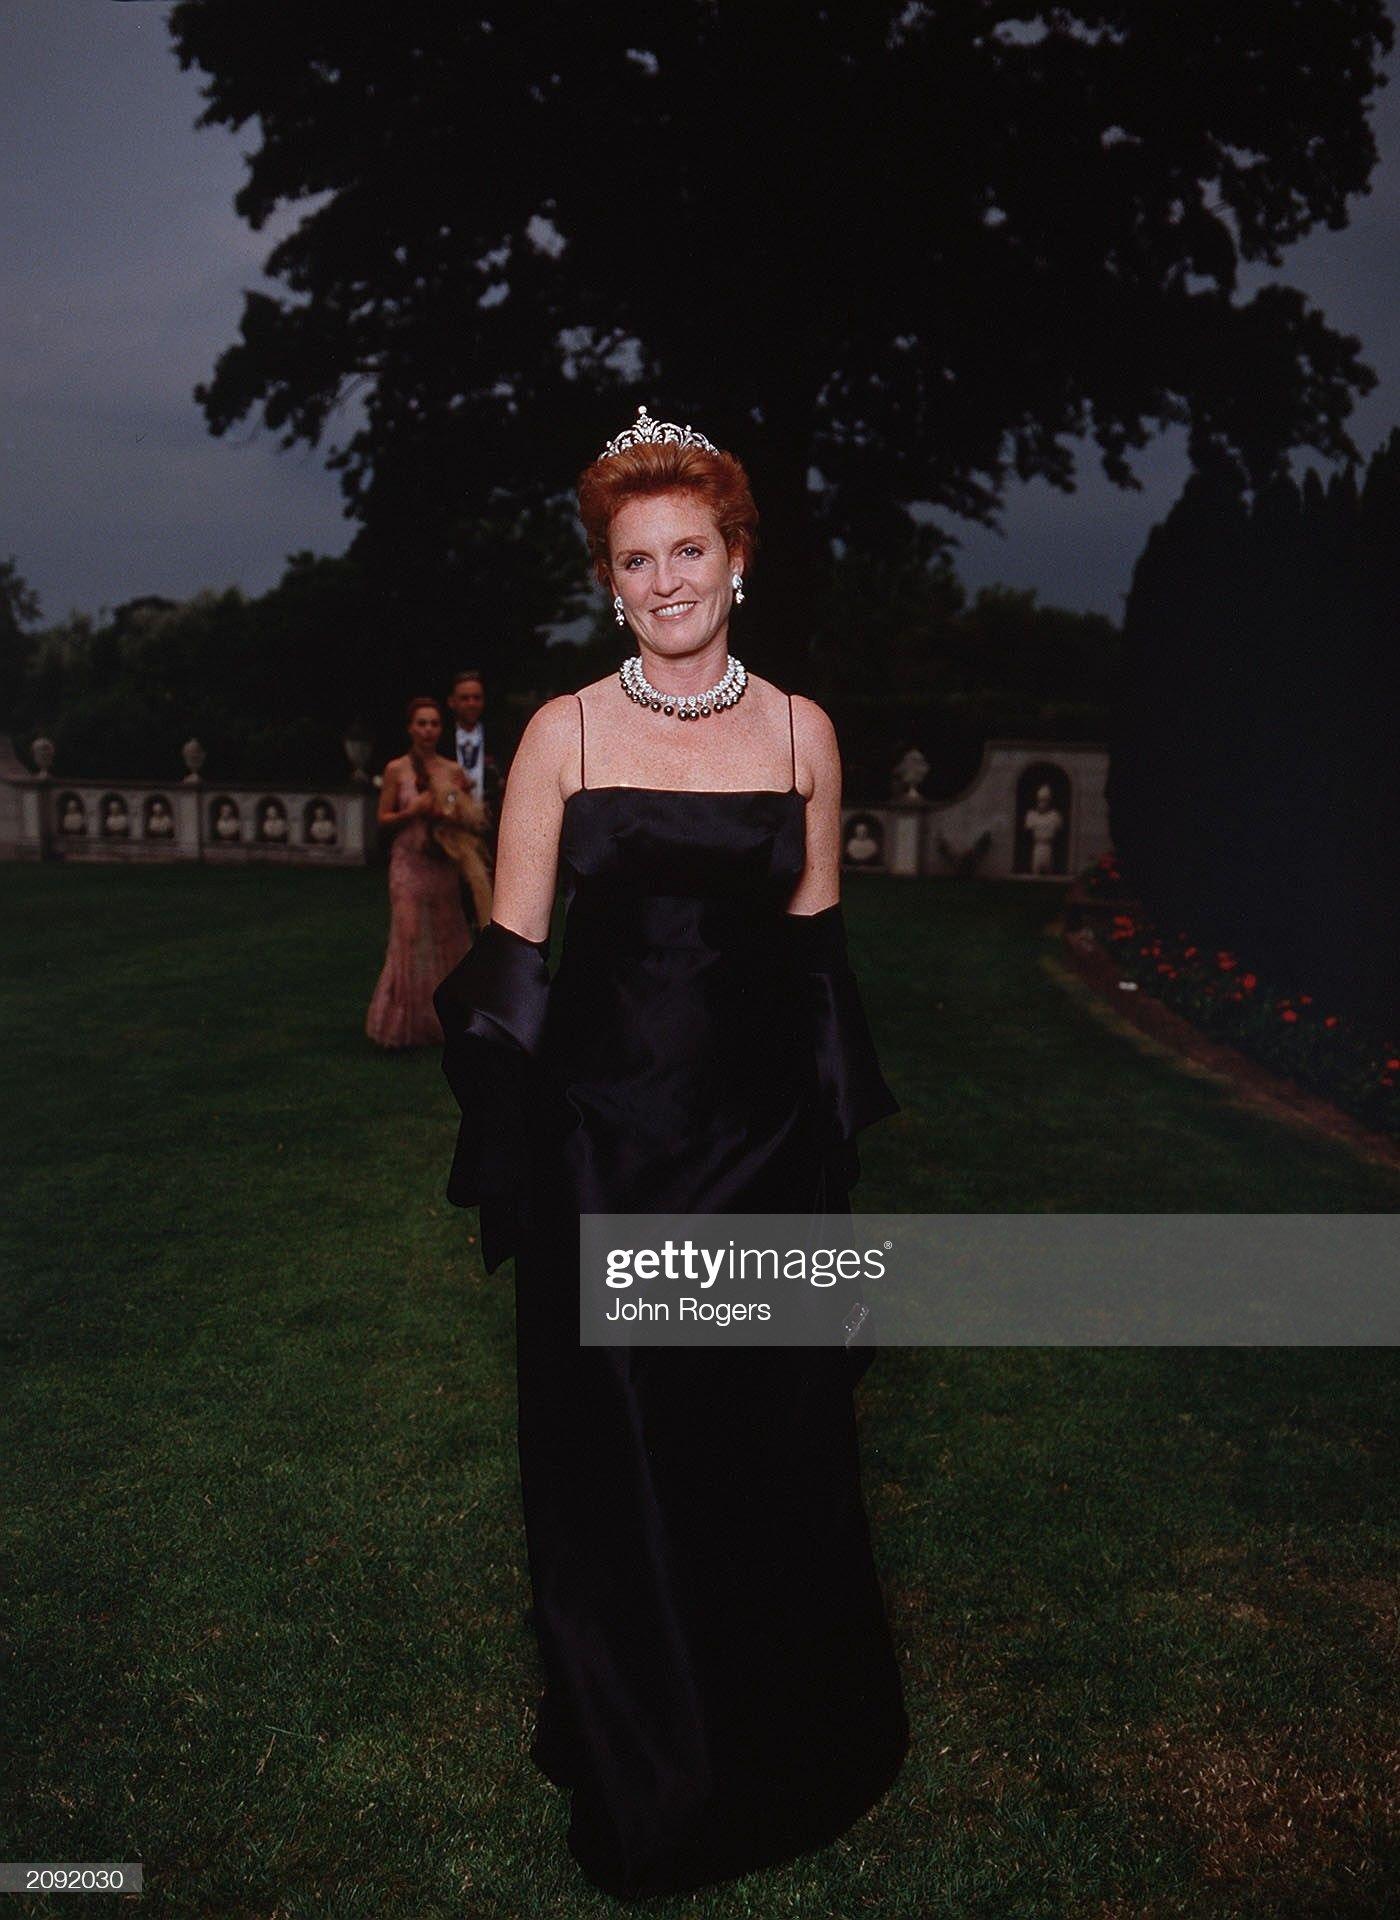 Вечерние наряды Отем пока еще Филлипс и Сары Йоркской Sarah Ferguson at the 2001 White Tie and Tiara Ball : News Photo